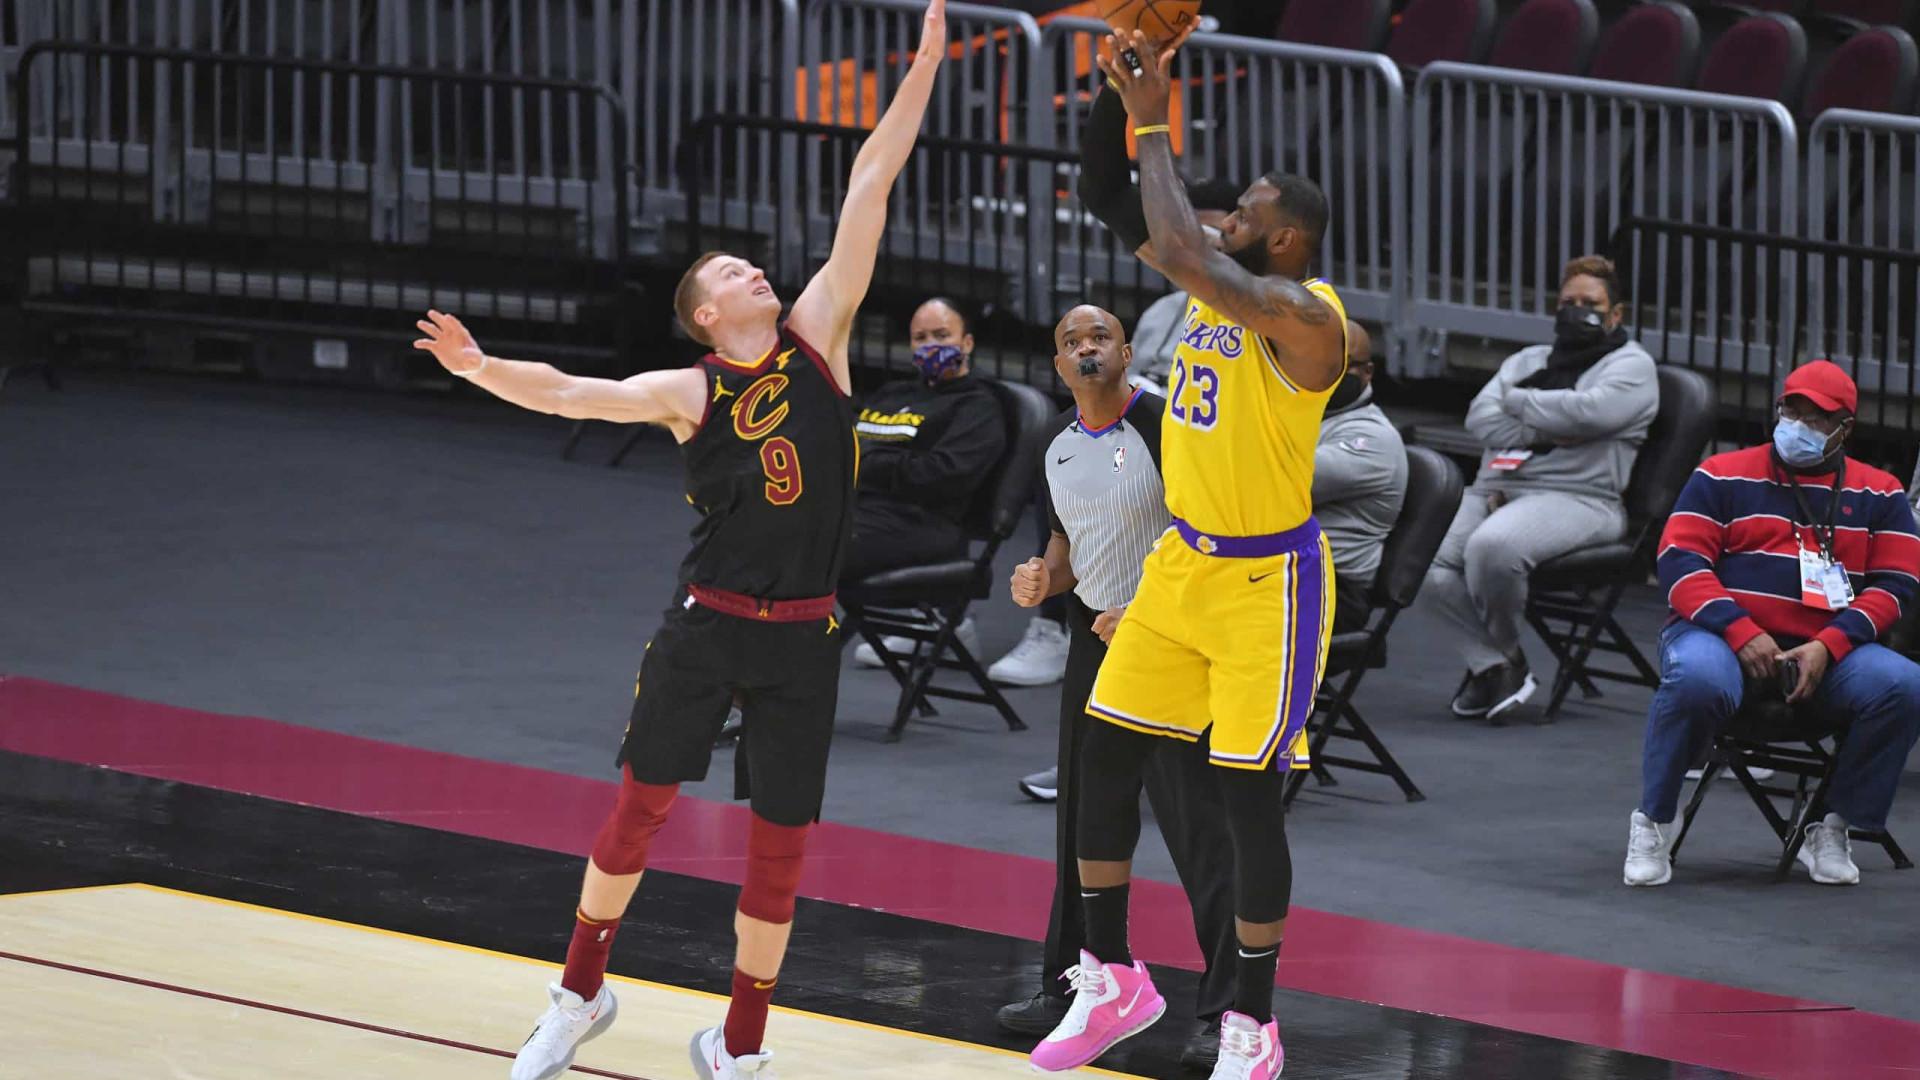 Com 46 pontos de LeBron James contra ex-time, Lakers vencem os Cavaliers na NBA